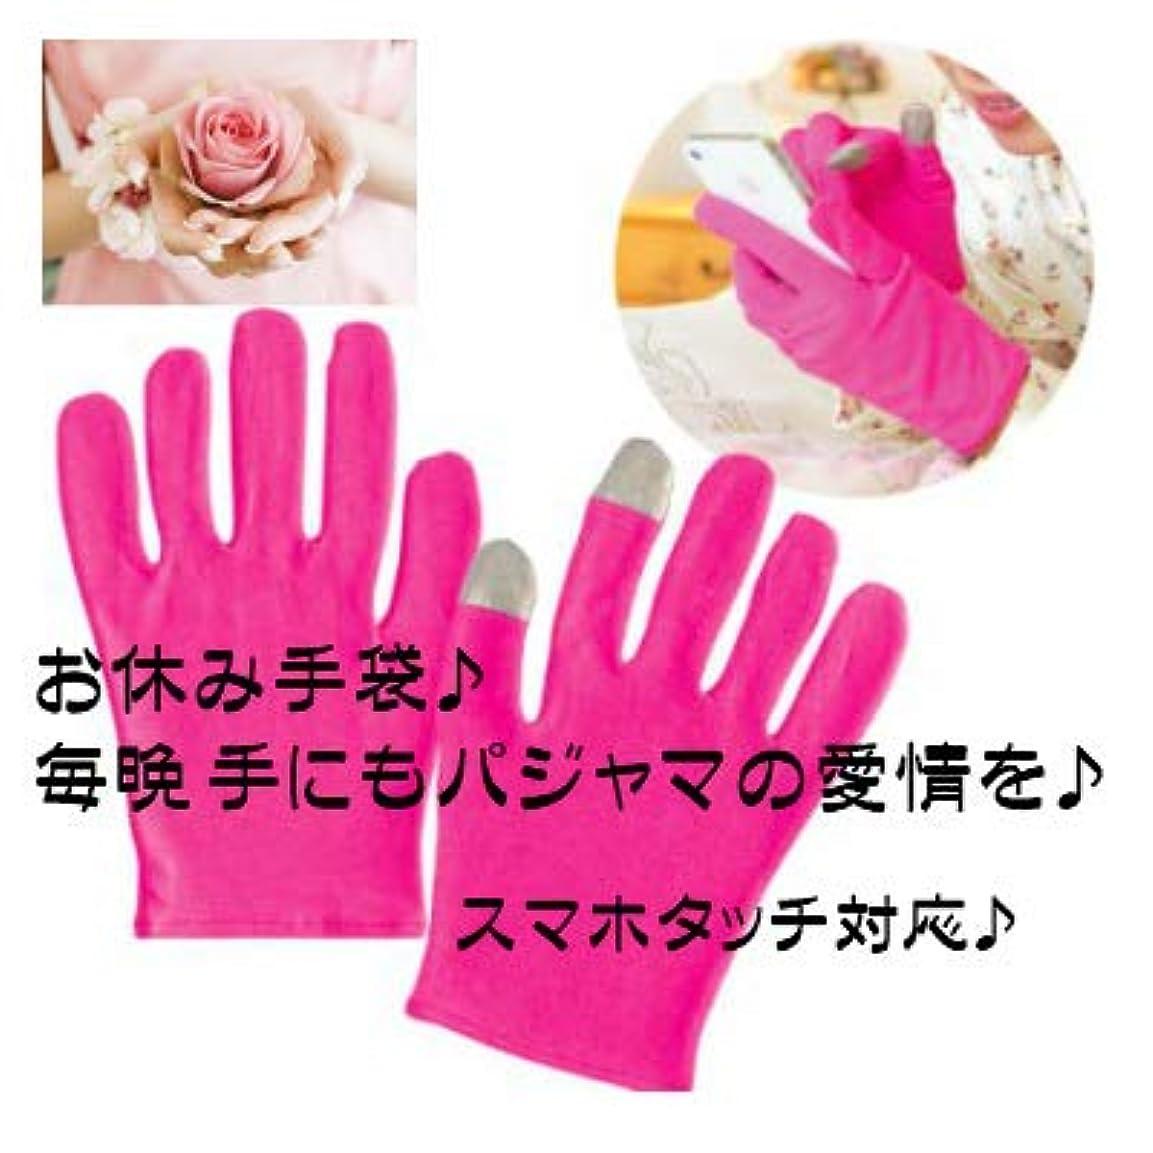 先に深いハード美容ハンドケア手袋 就寝手袋 スマホタッチ対応 おやすみ手袋保湿手袋